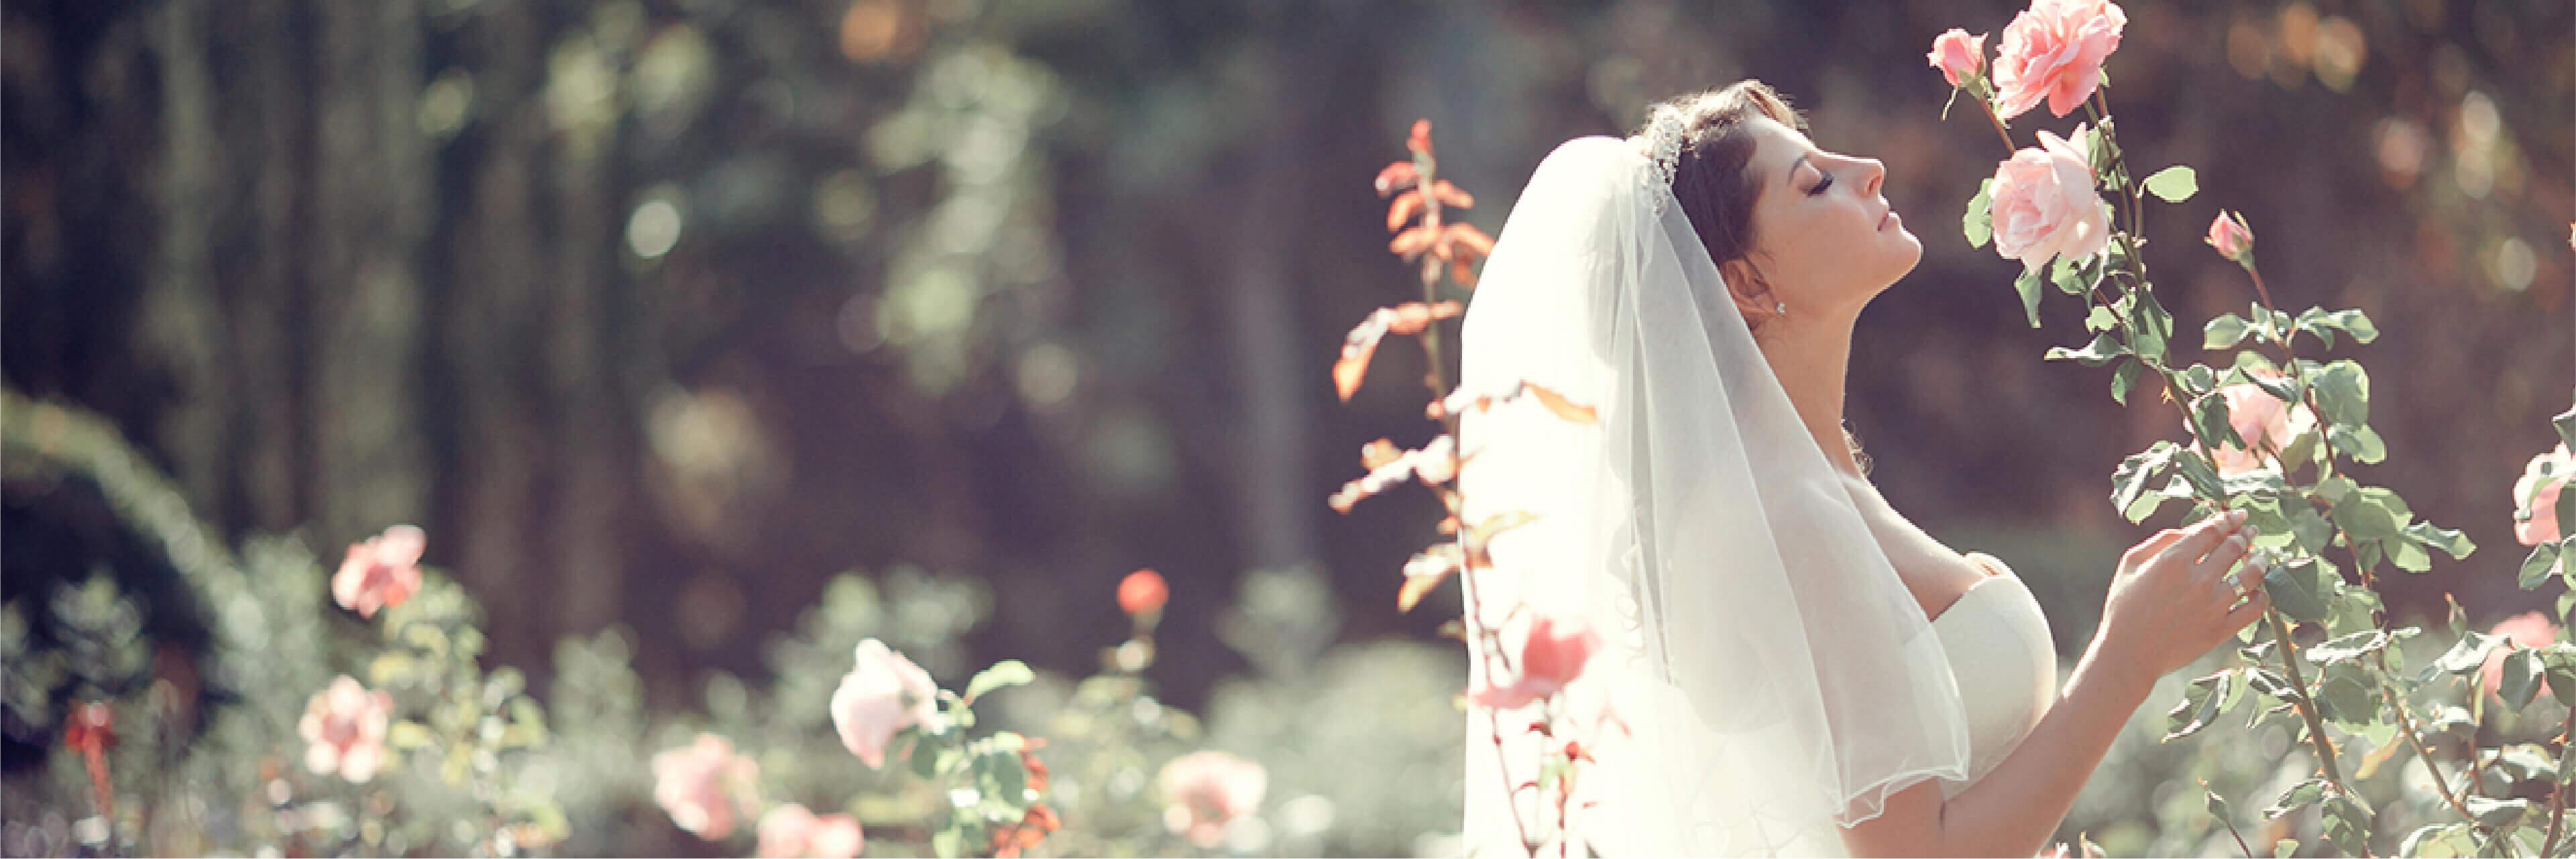 創業66年を誇る「SUGISHIN」直営の結婚準備総合スポット